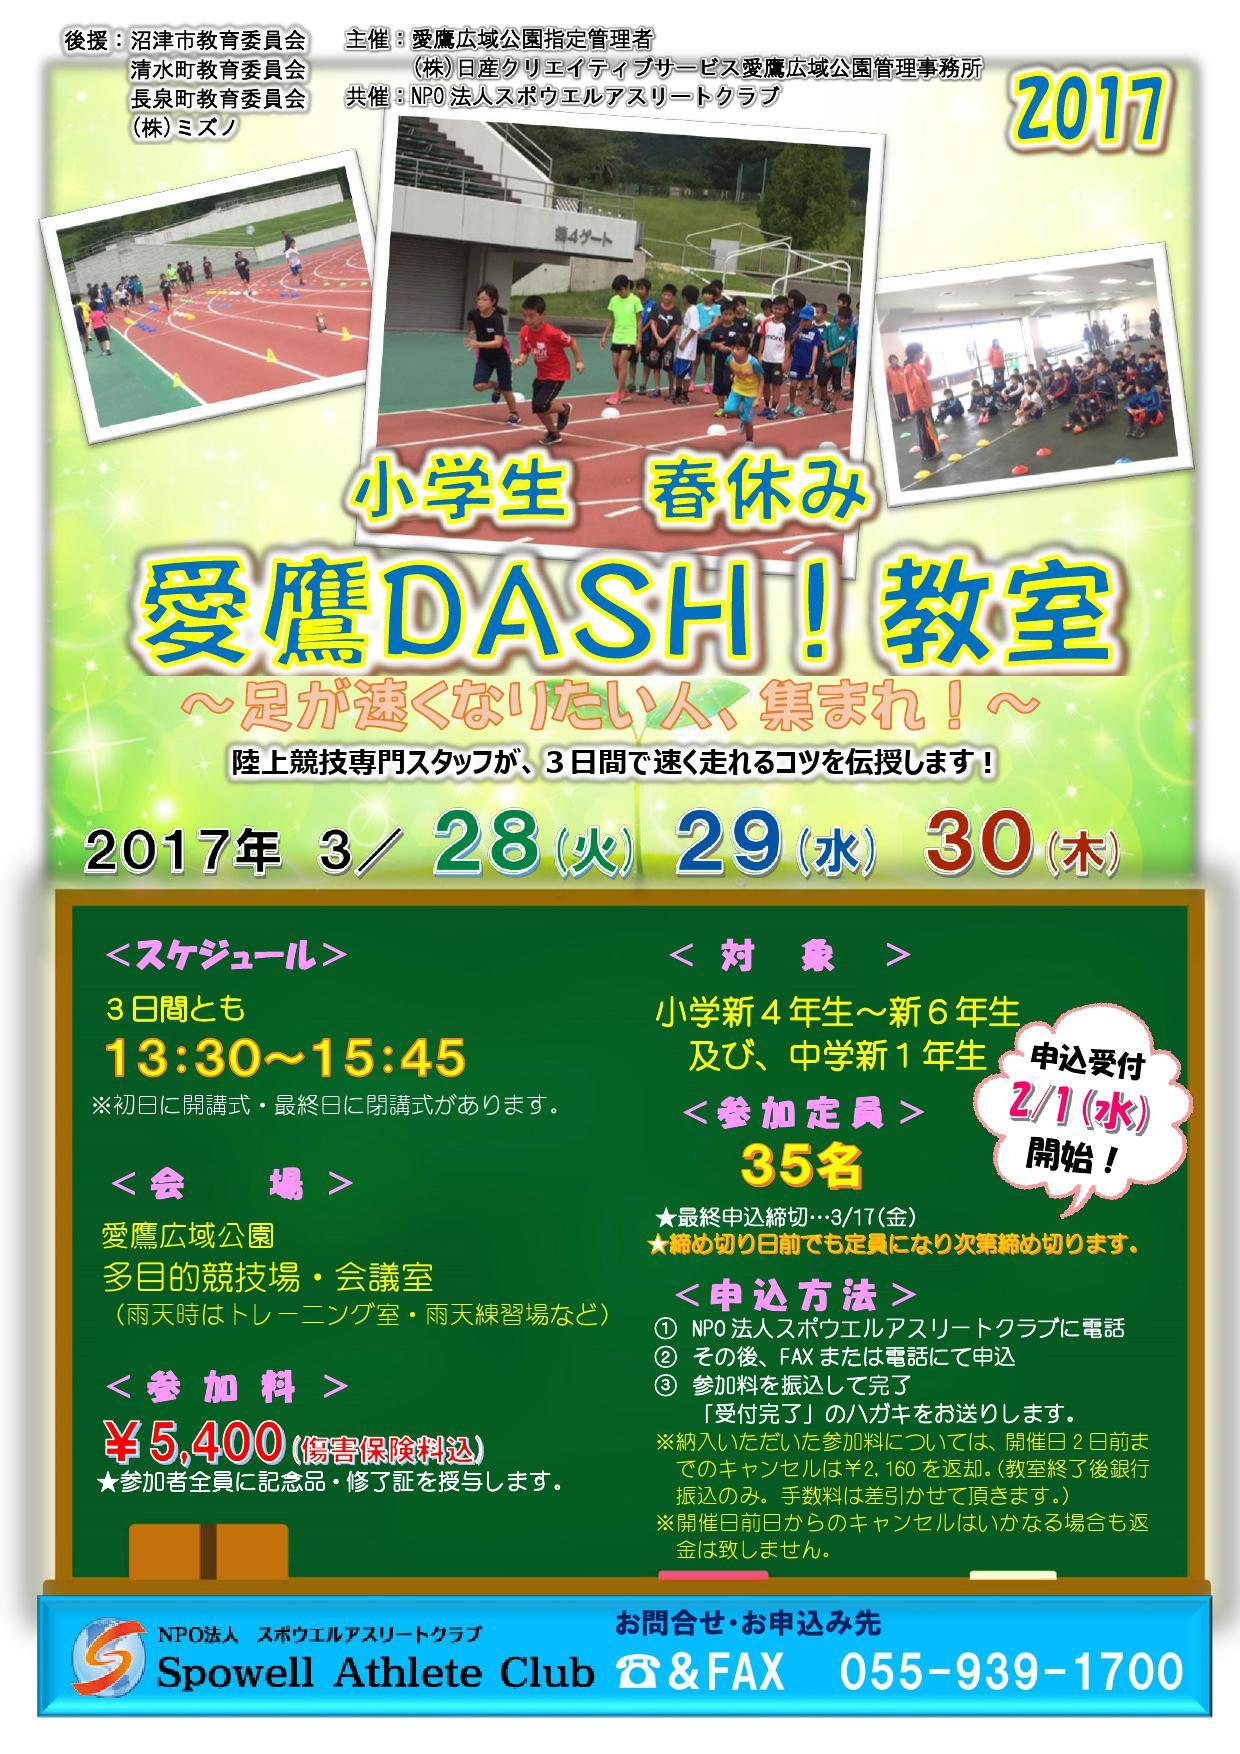 春DASH2017ちらし20170201